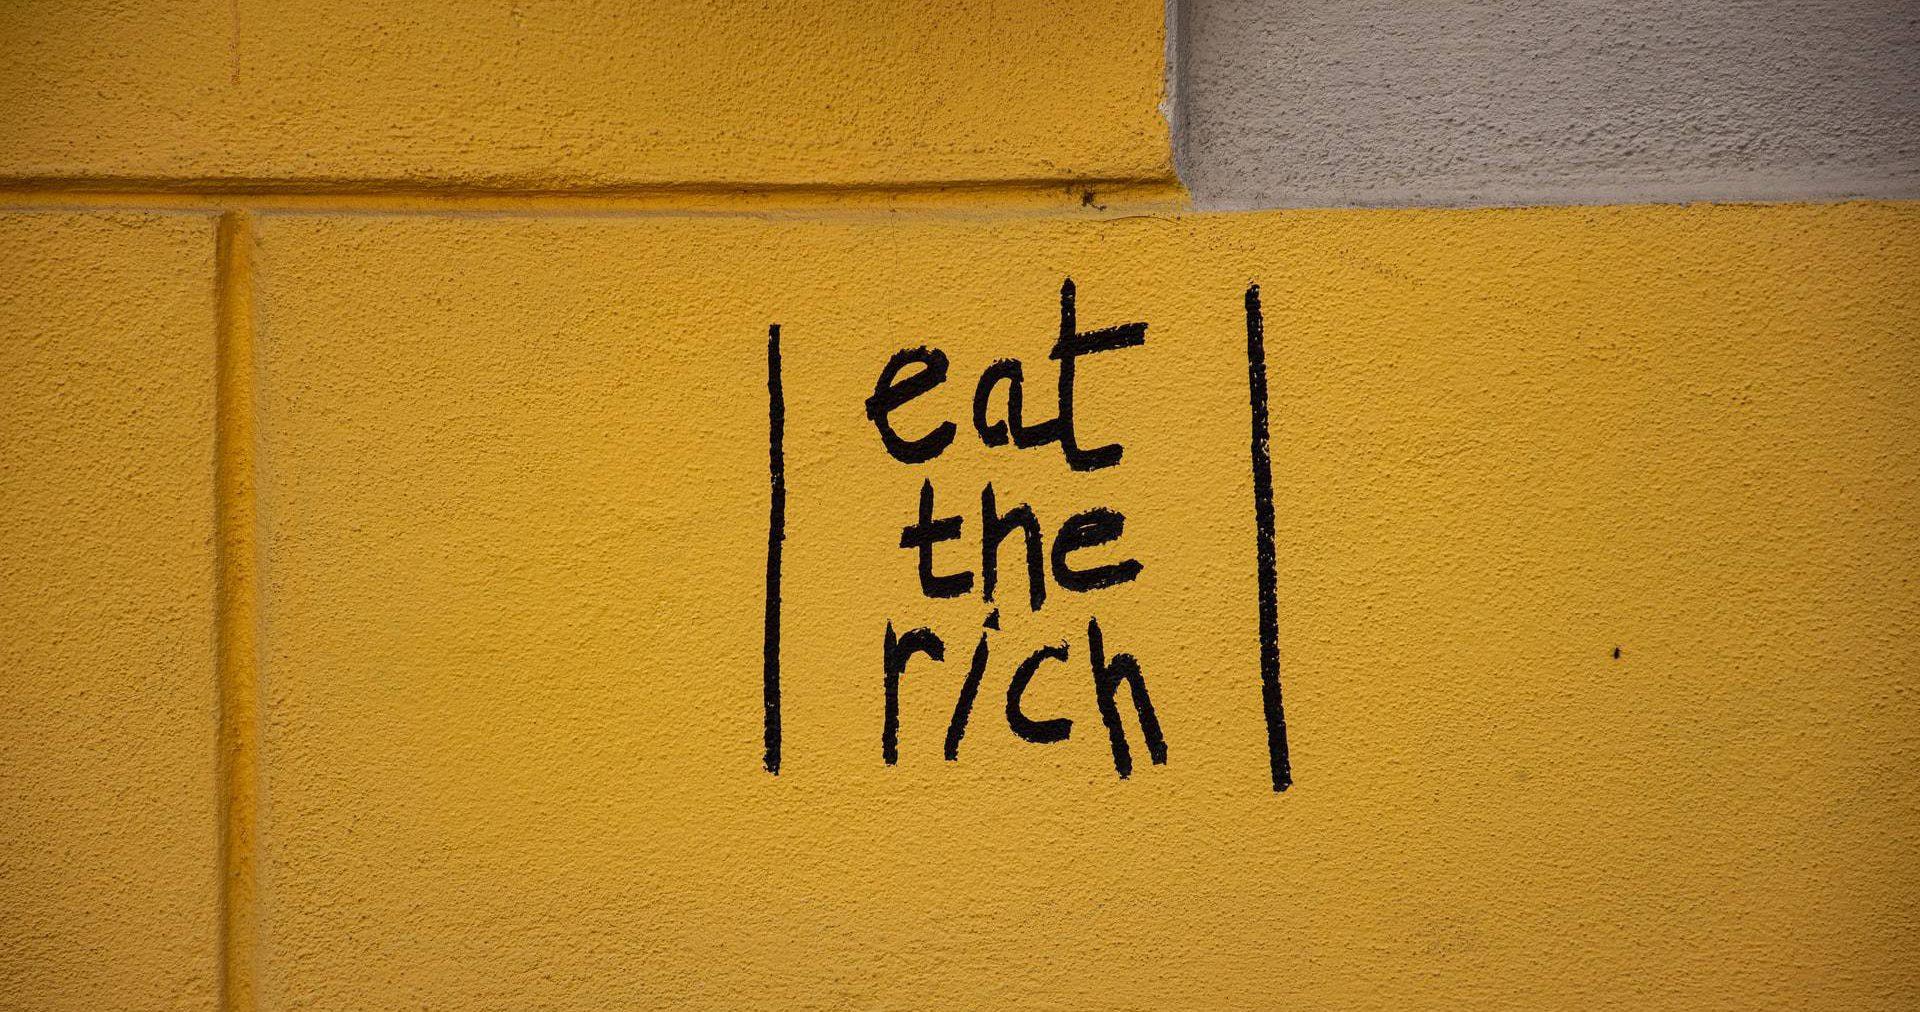 Το πάνθεον του πλούτου – Οι 12 ολιγάρχες του ενός τρισ. δολαρίων, Αλέξανδρος Μουτζουρίδης